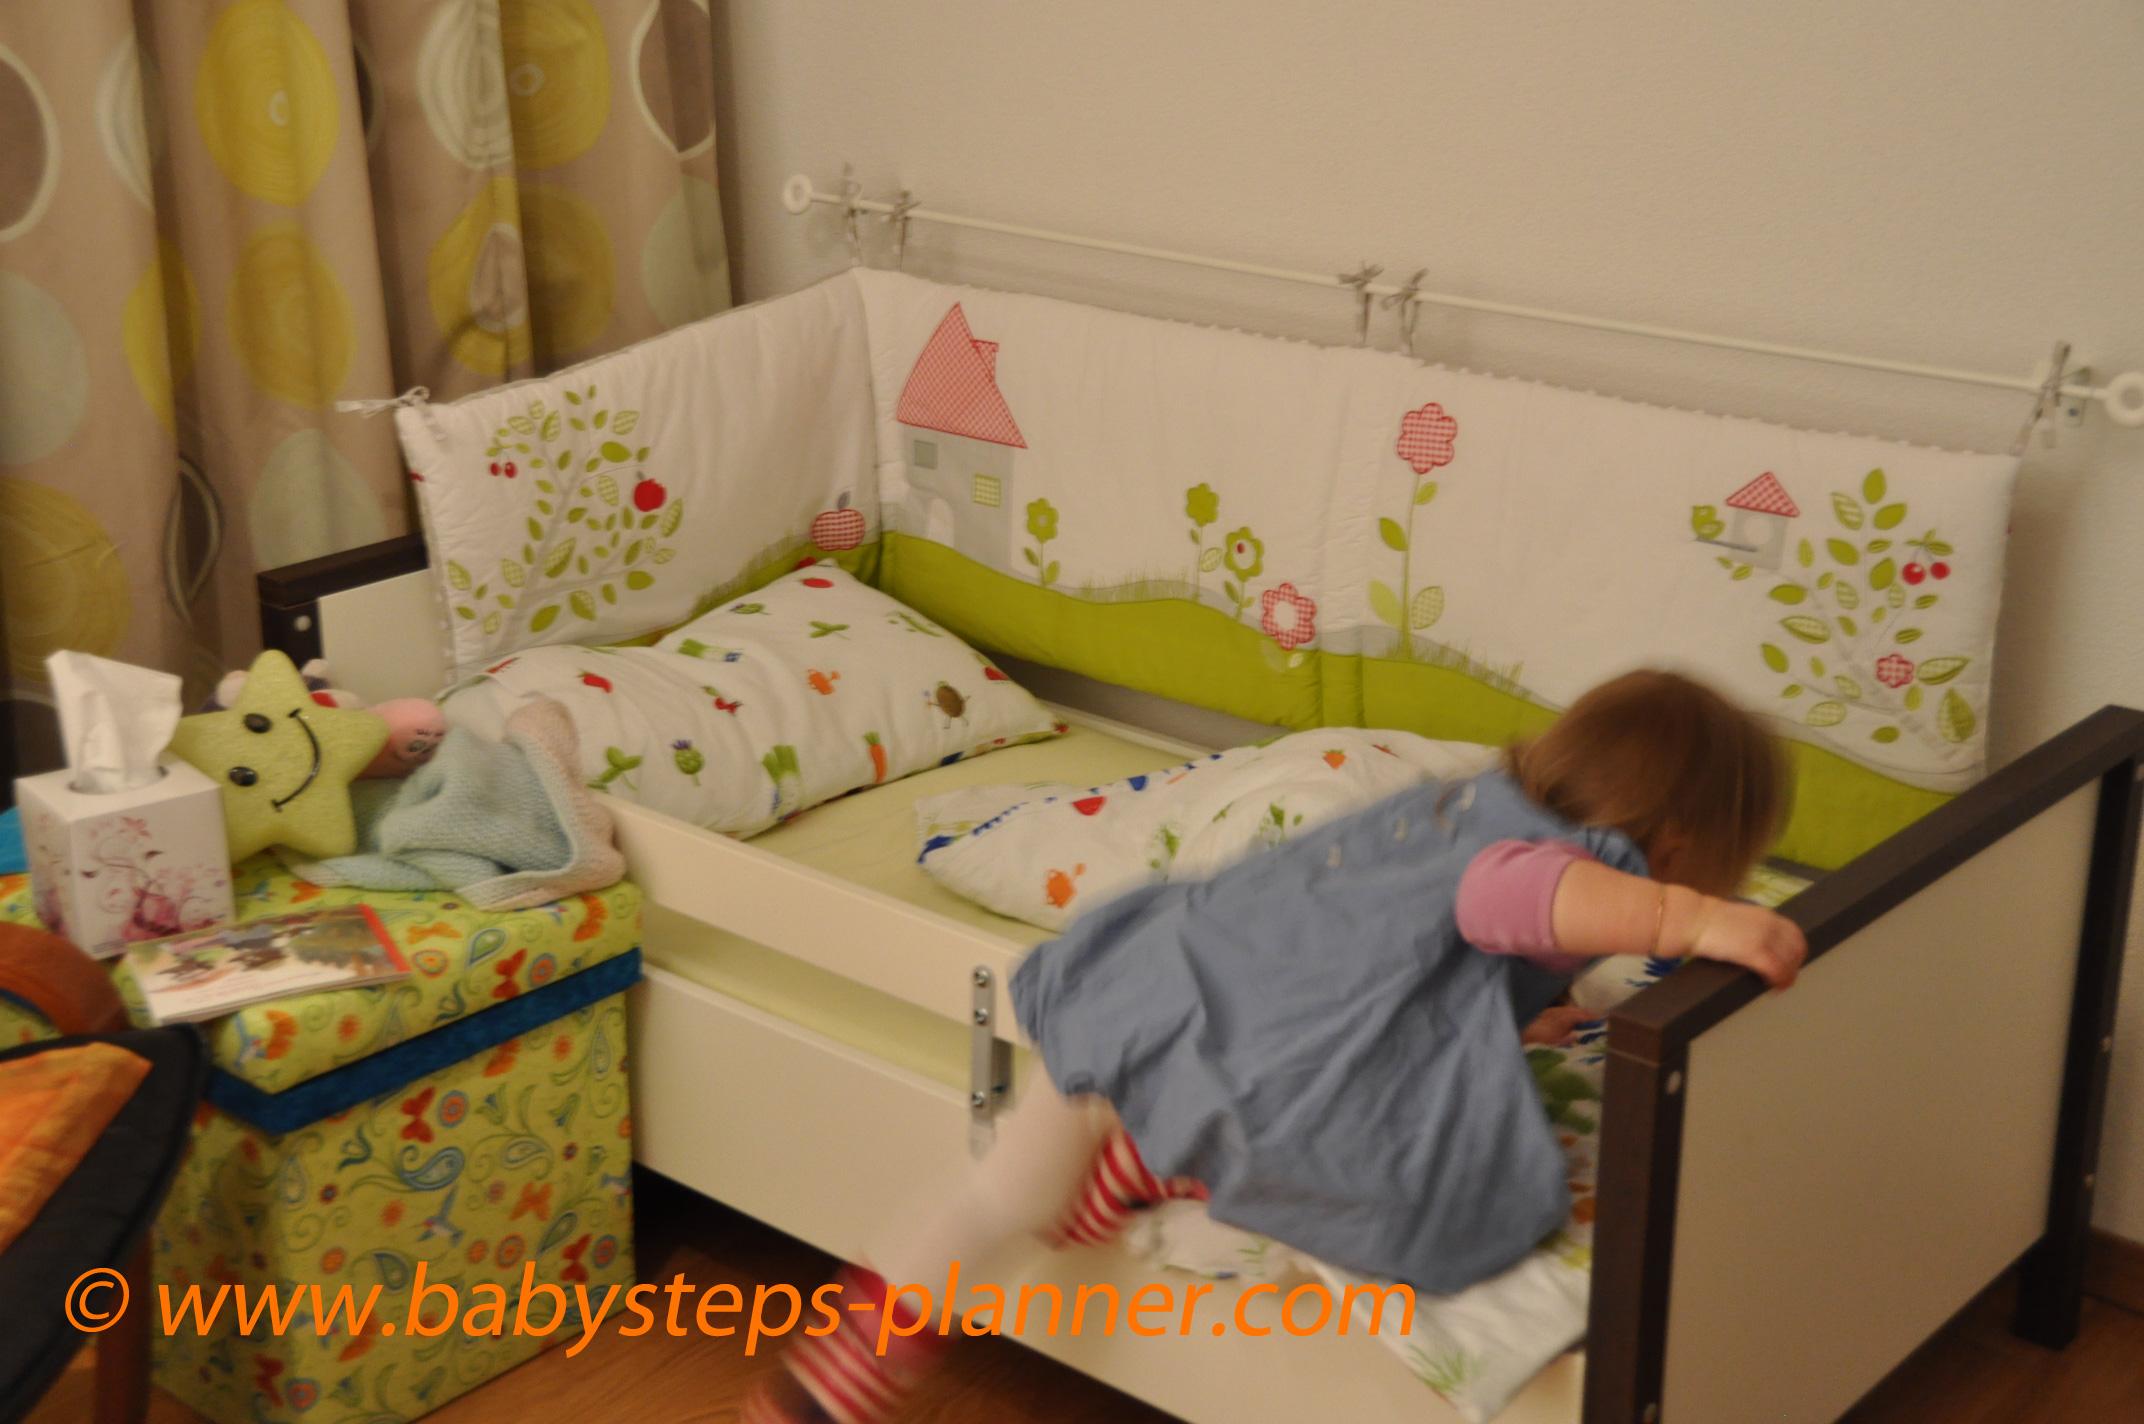 Lit de bebe pas cher occasion - Idées de tricot gratuit